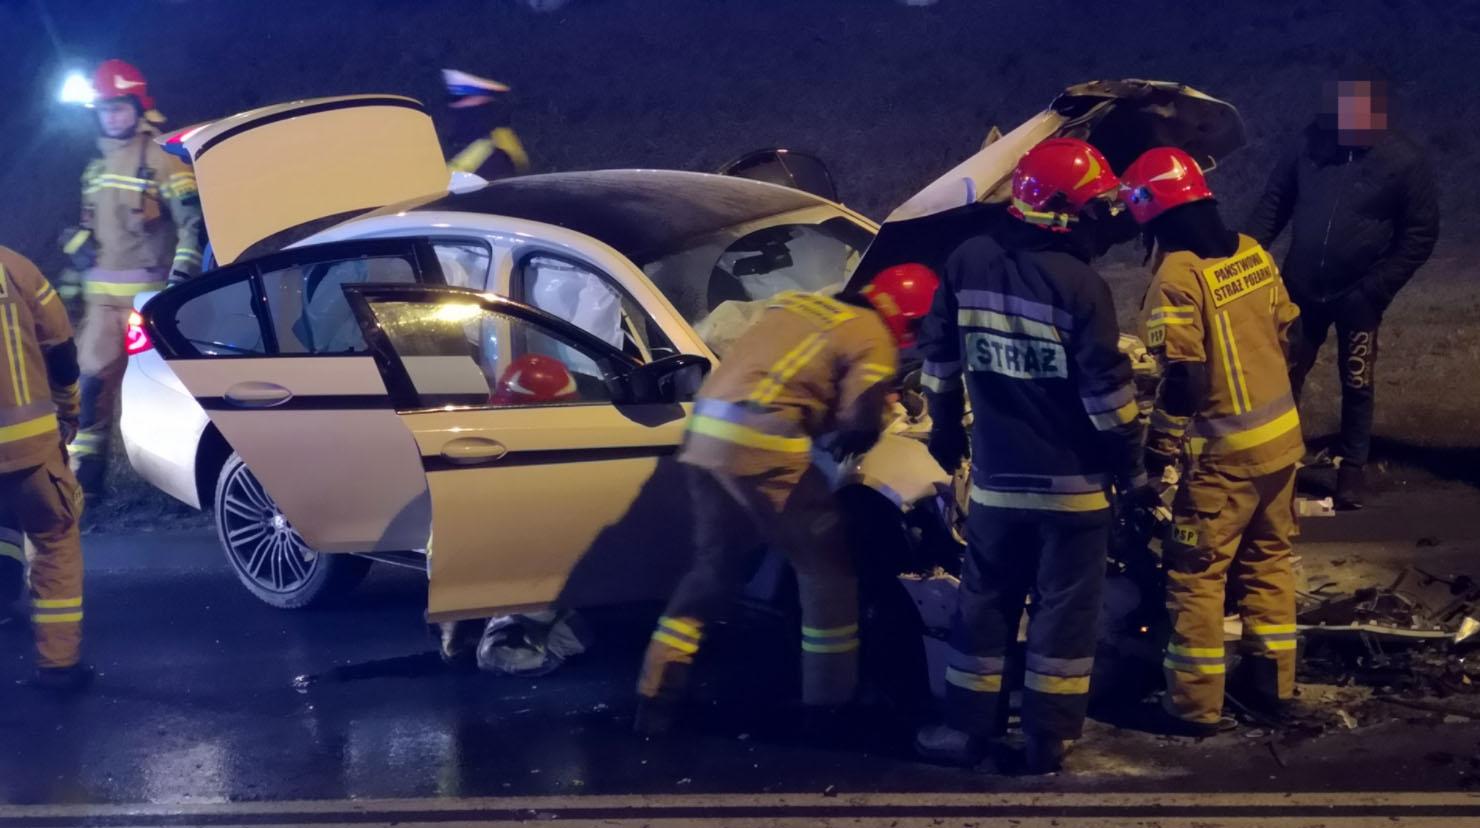 Instruktor szkoły jazdy doprowadził do wypadku, w którym zginął 14-latek. Właśnie wyszedł z aresztu - Zdjęcie główne